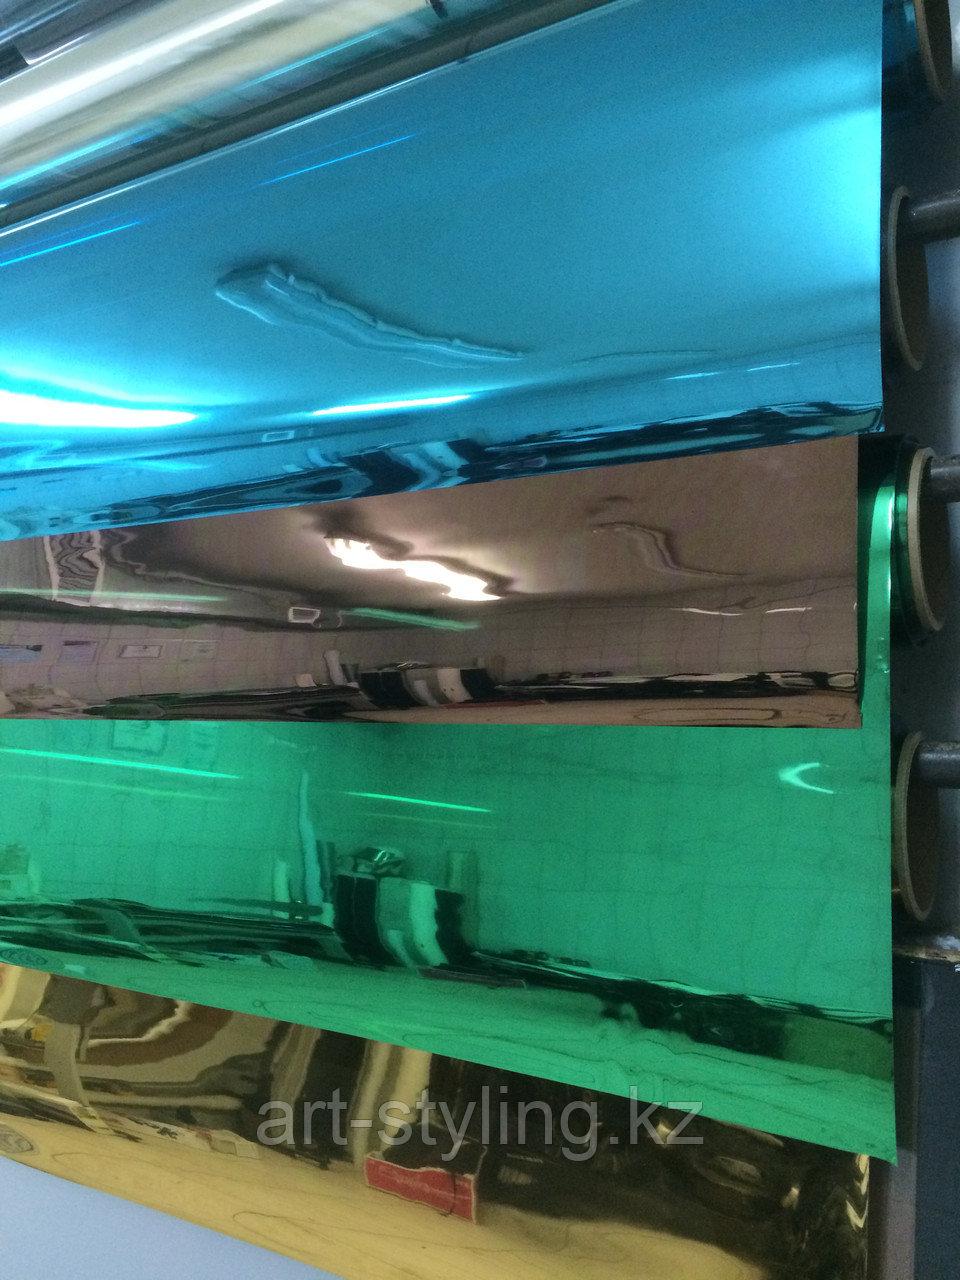 Синяя зеркальная пленка (обратный клеевой слой)